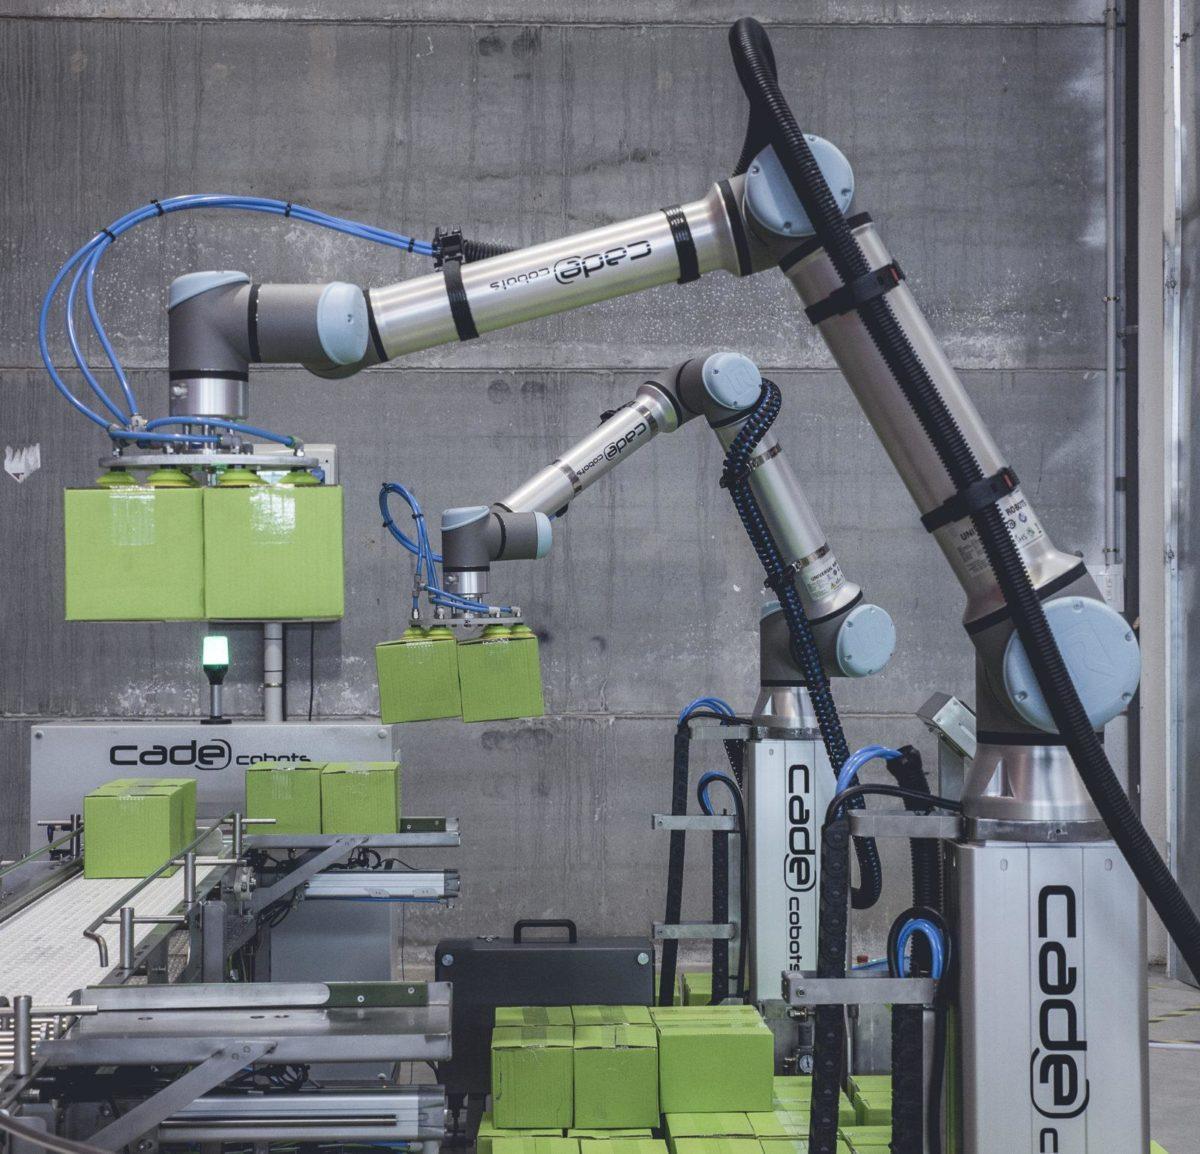 Cobots robots con inteligencia artificial para aplicaciones industriales